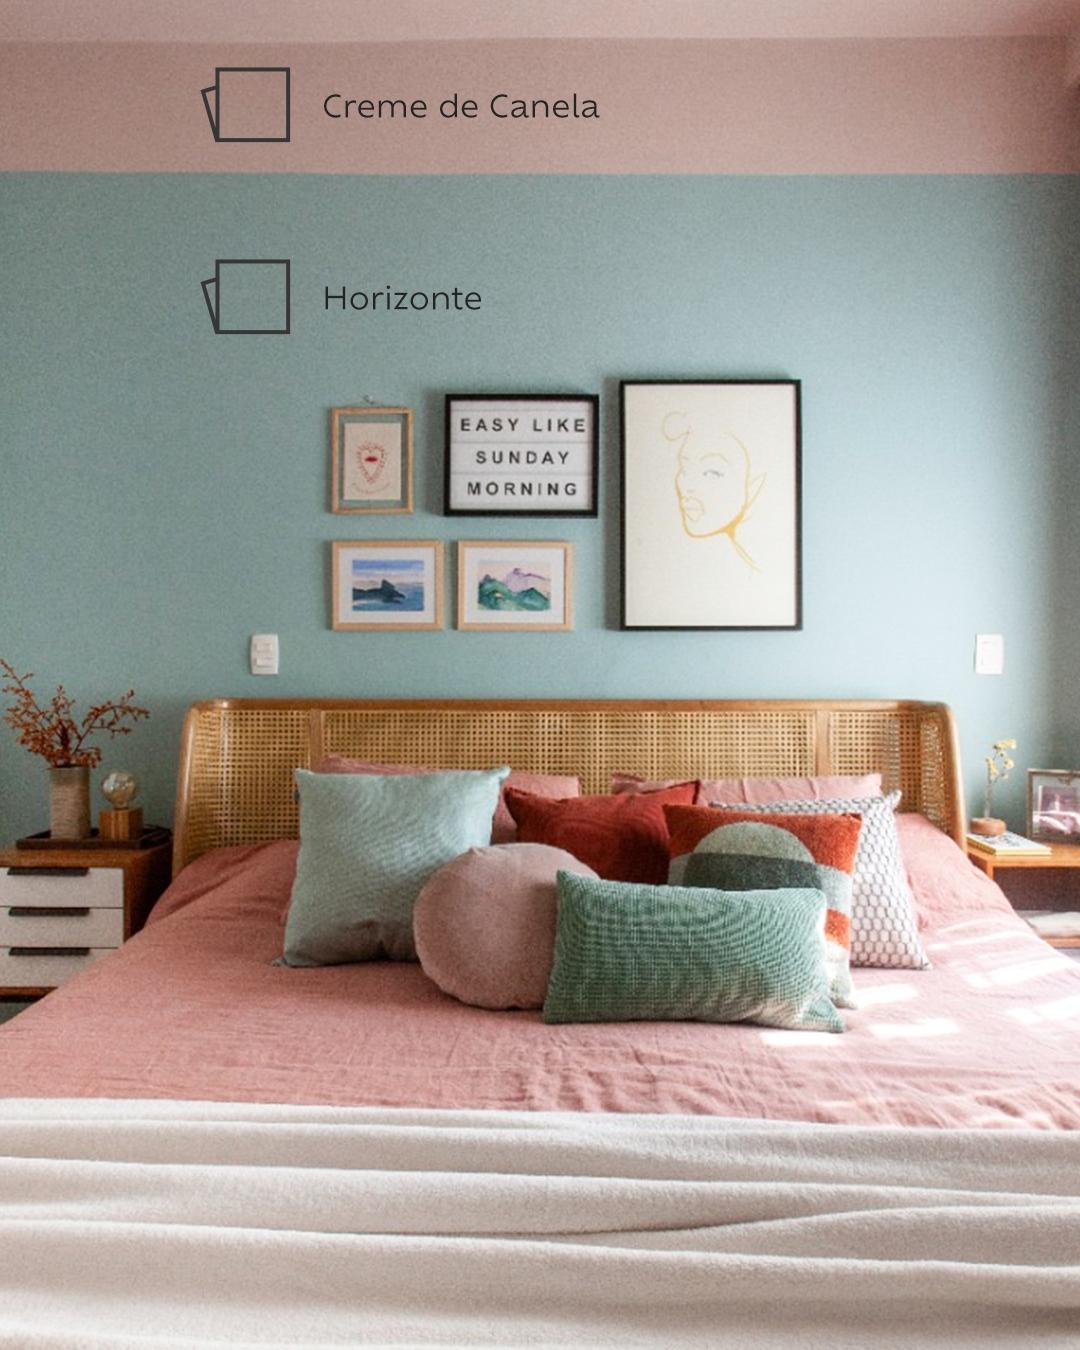 Foto do quarto de frente para a cama centralizada, que possui uma colcha rosa e almofadas rosa e verde. Ao fundo, a cabeceira de palha e cinco quadros de tamanhos diferentes pendurados na parede, pintada com a cor Horizonte e a faixa na cor Creme de Canela acima.